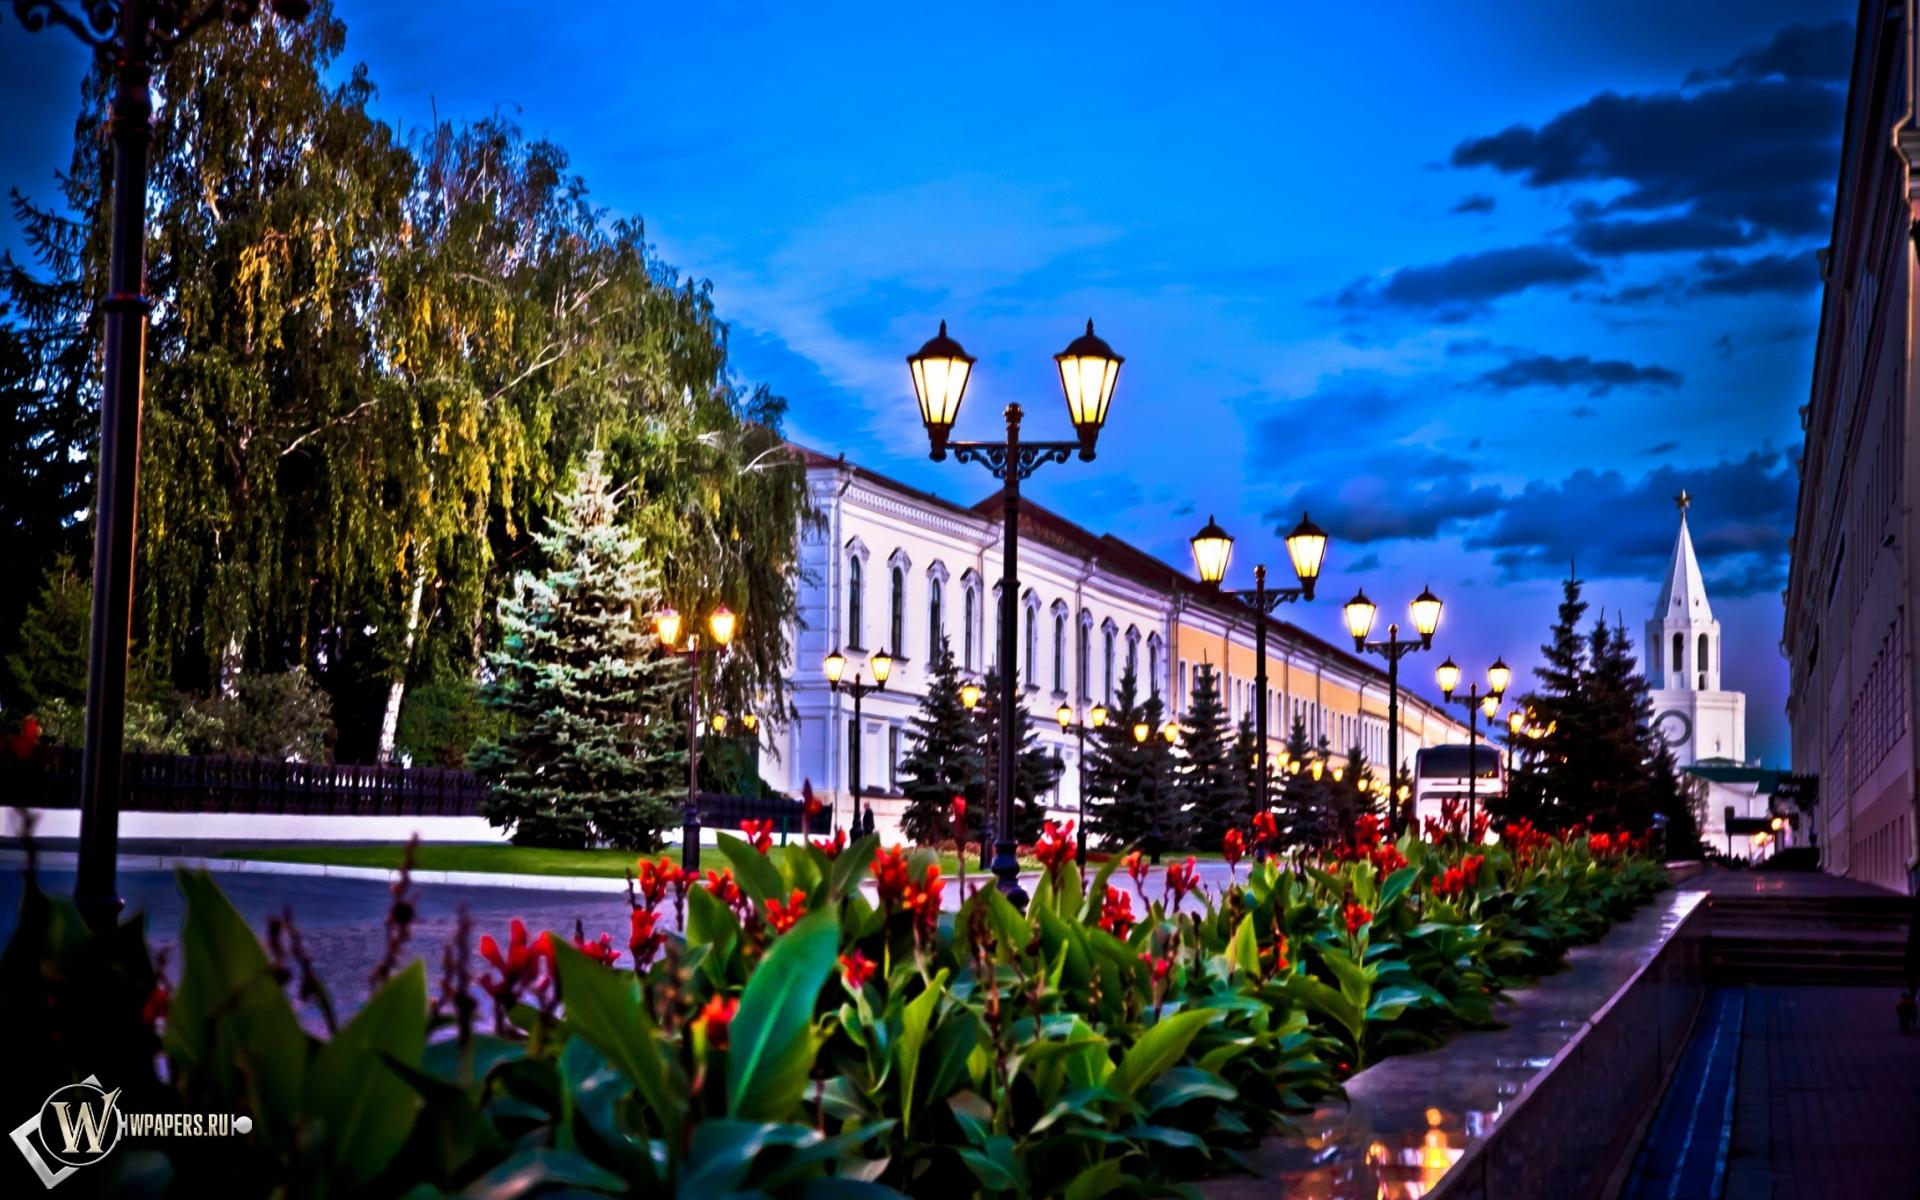 Казань улица Кремлевская 1920x1200